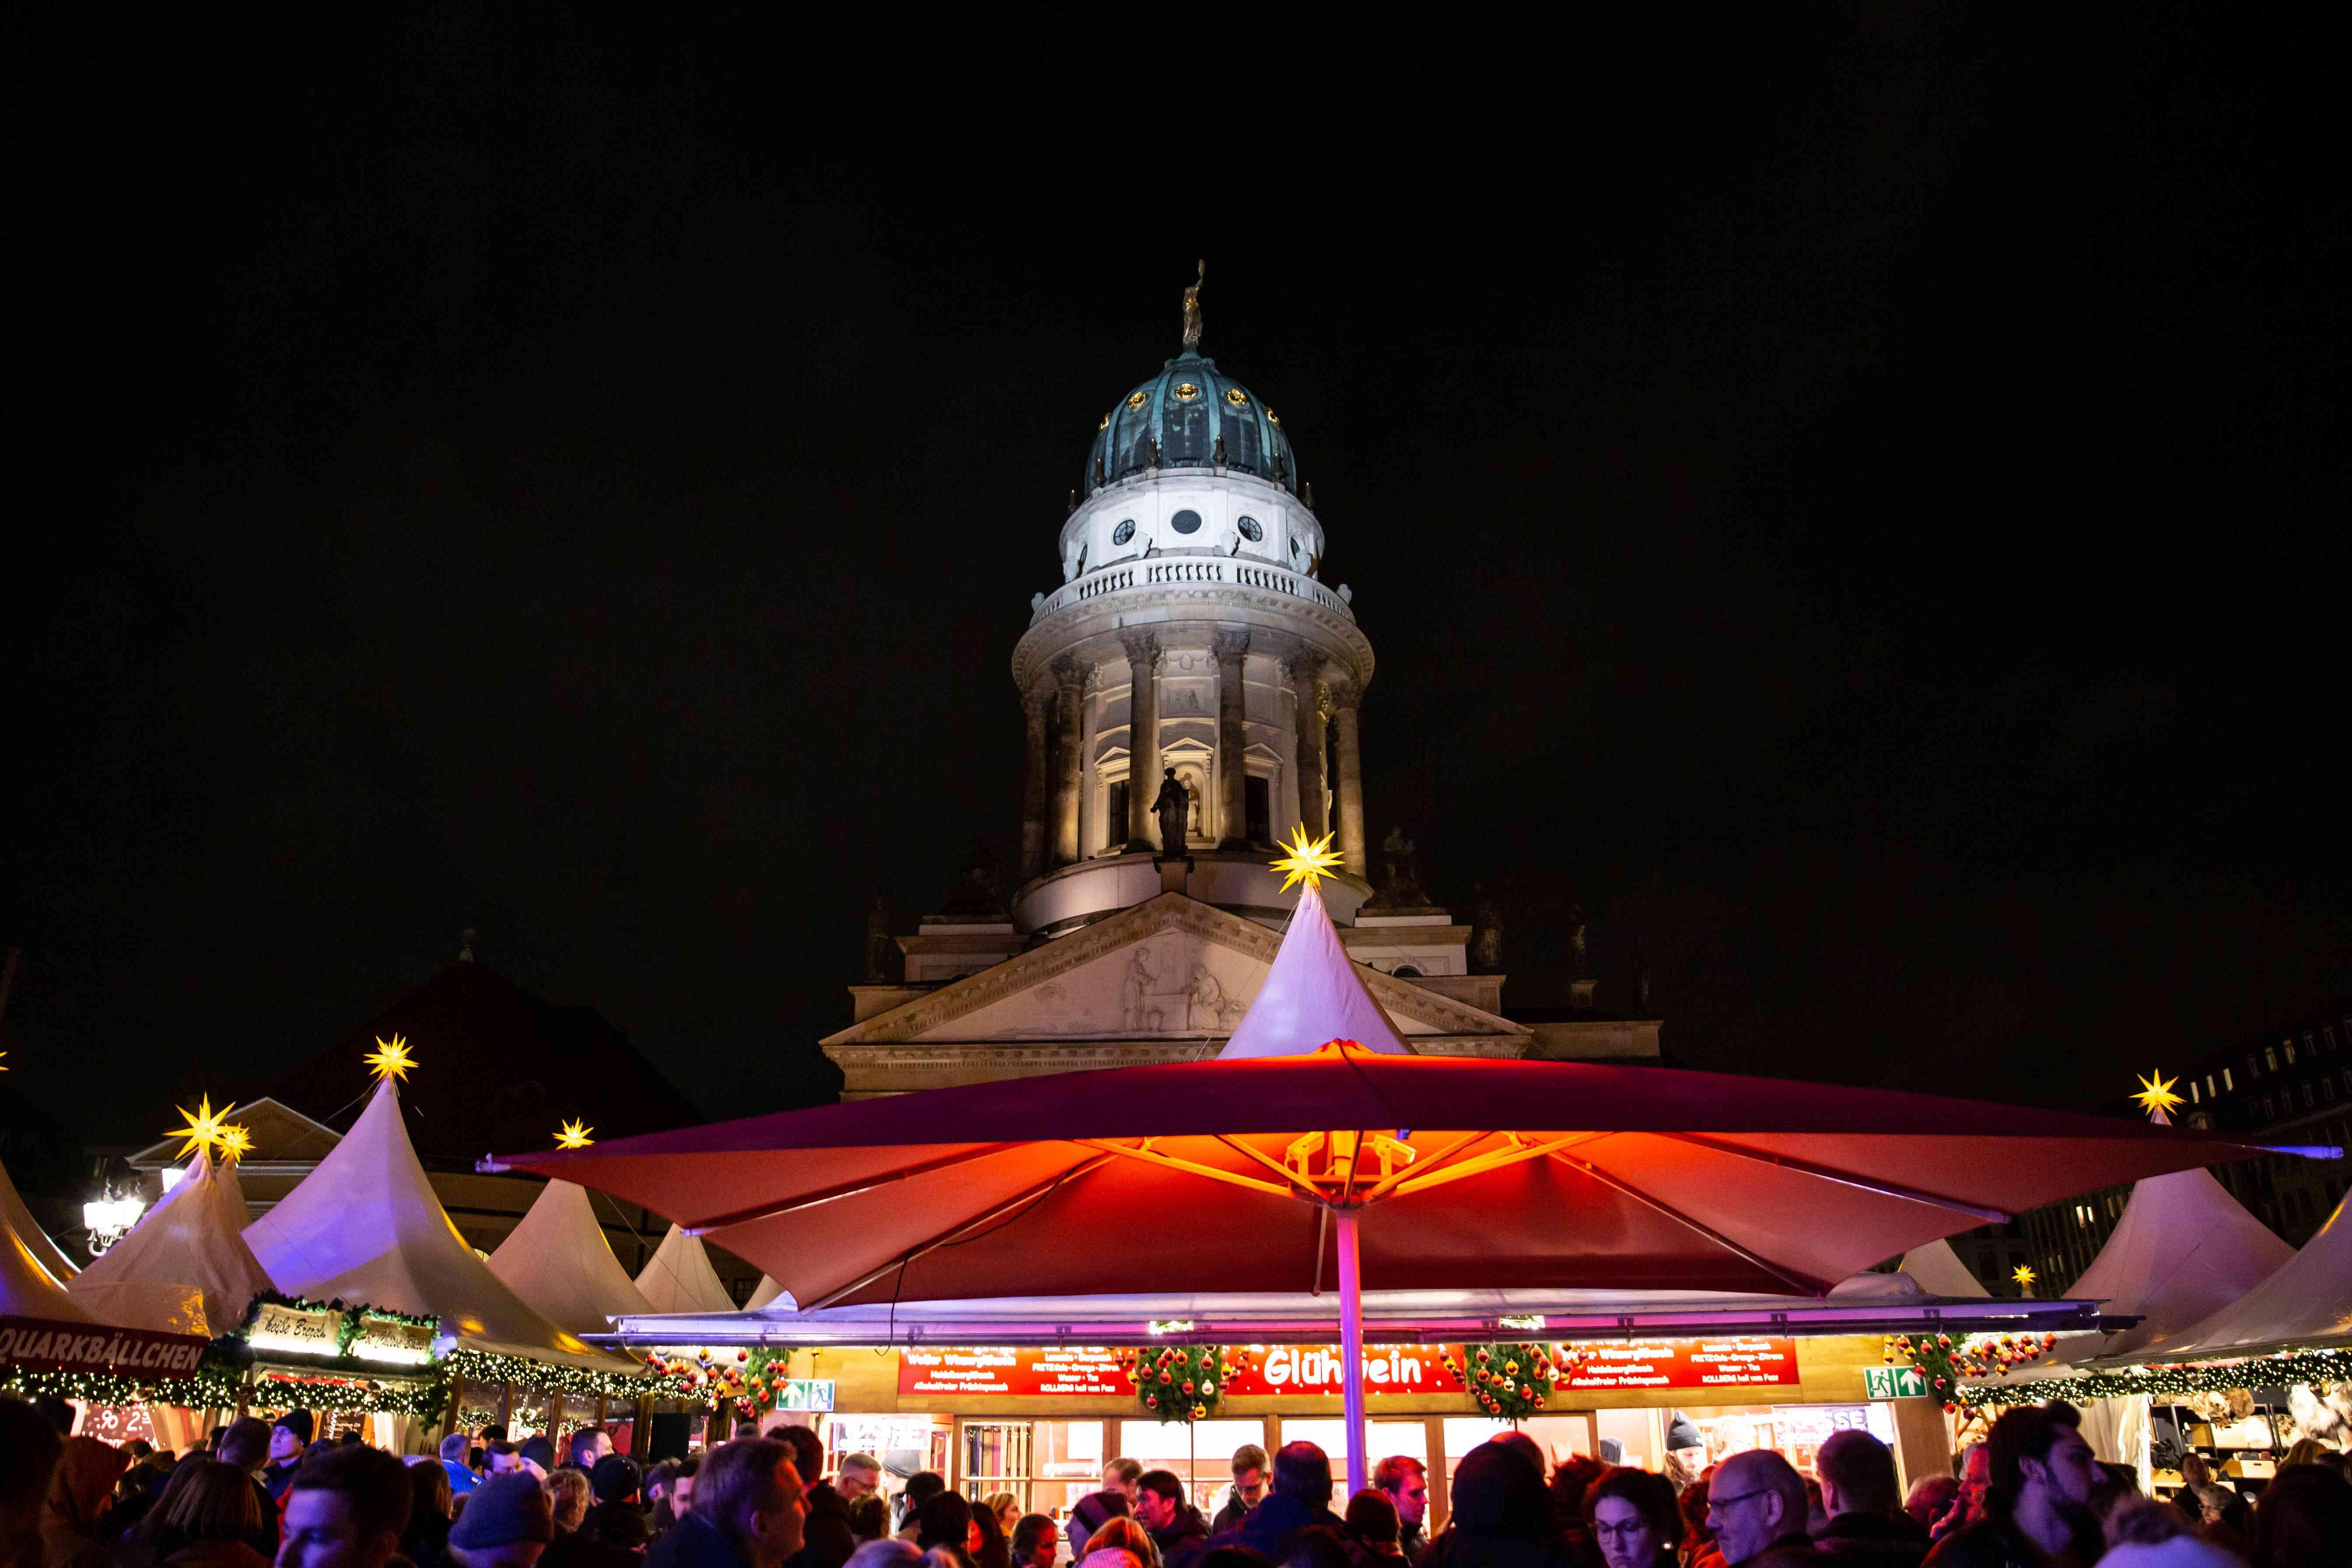 Gendarmenmarkt at night